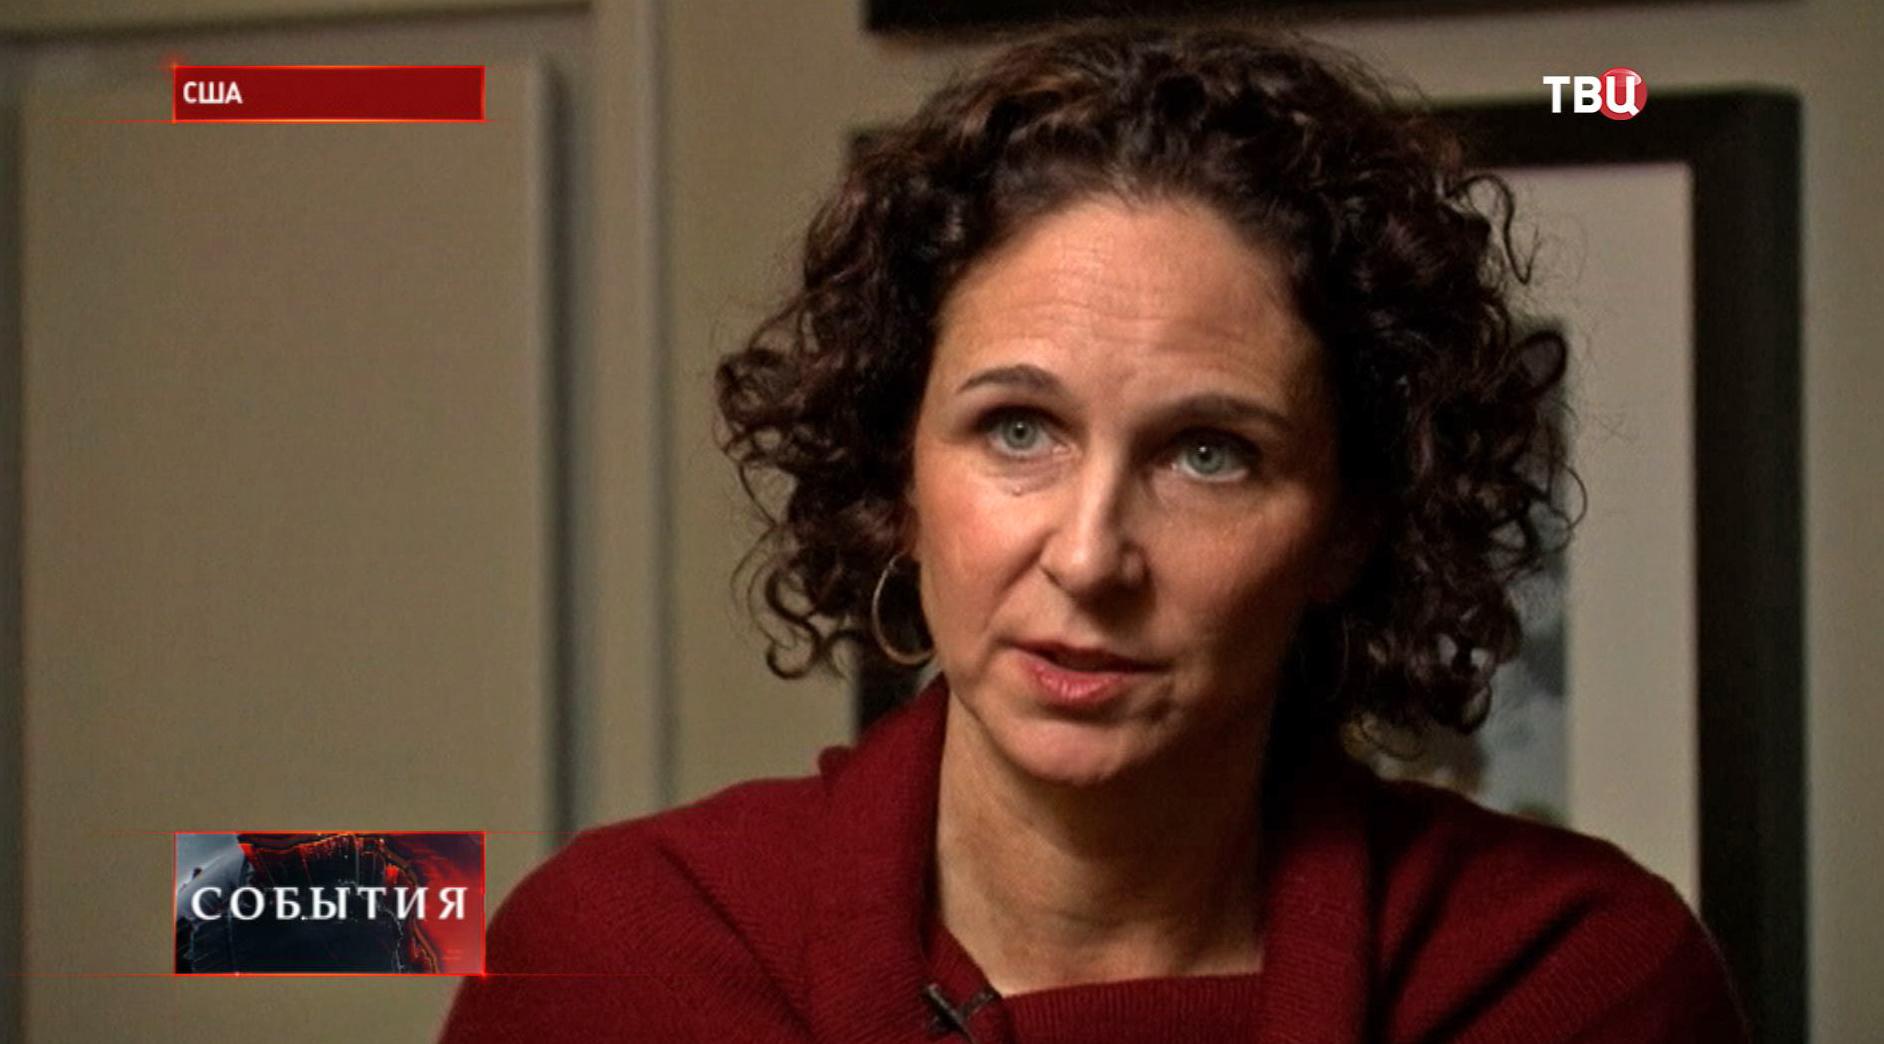 Сотрудник правозащитной организации Humans Rights Watch Лаура Питтер